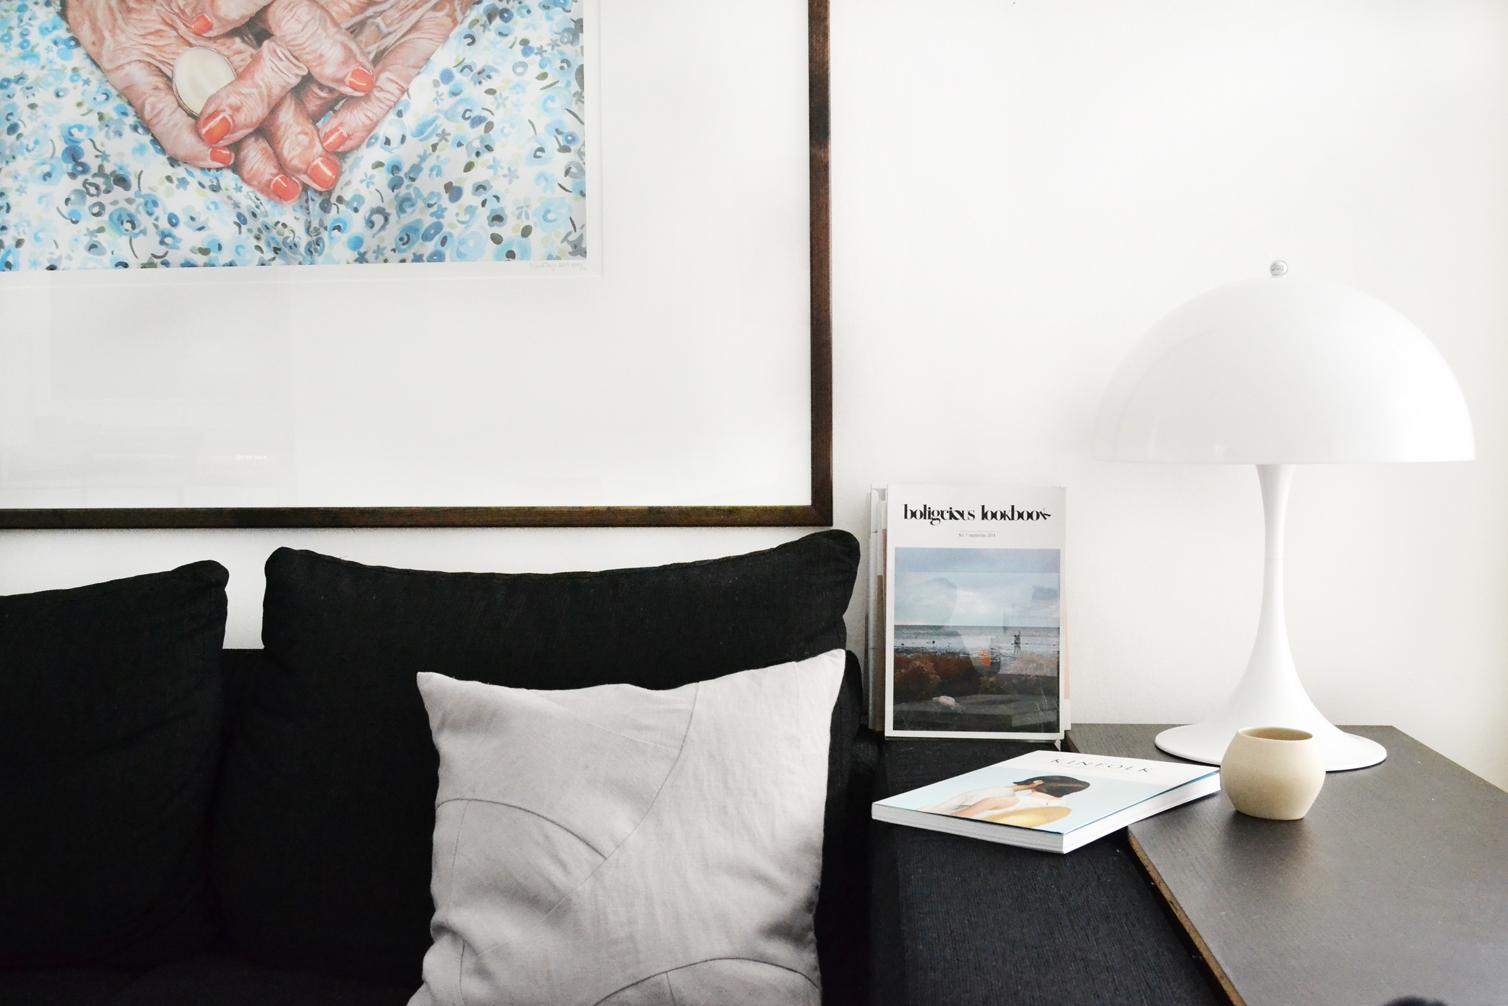 art-mariatorp-hands-haender-kunst-magasinholder-stue-livingroom-indretning